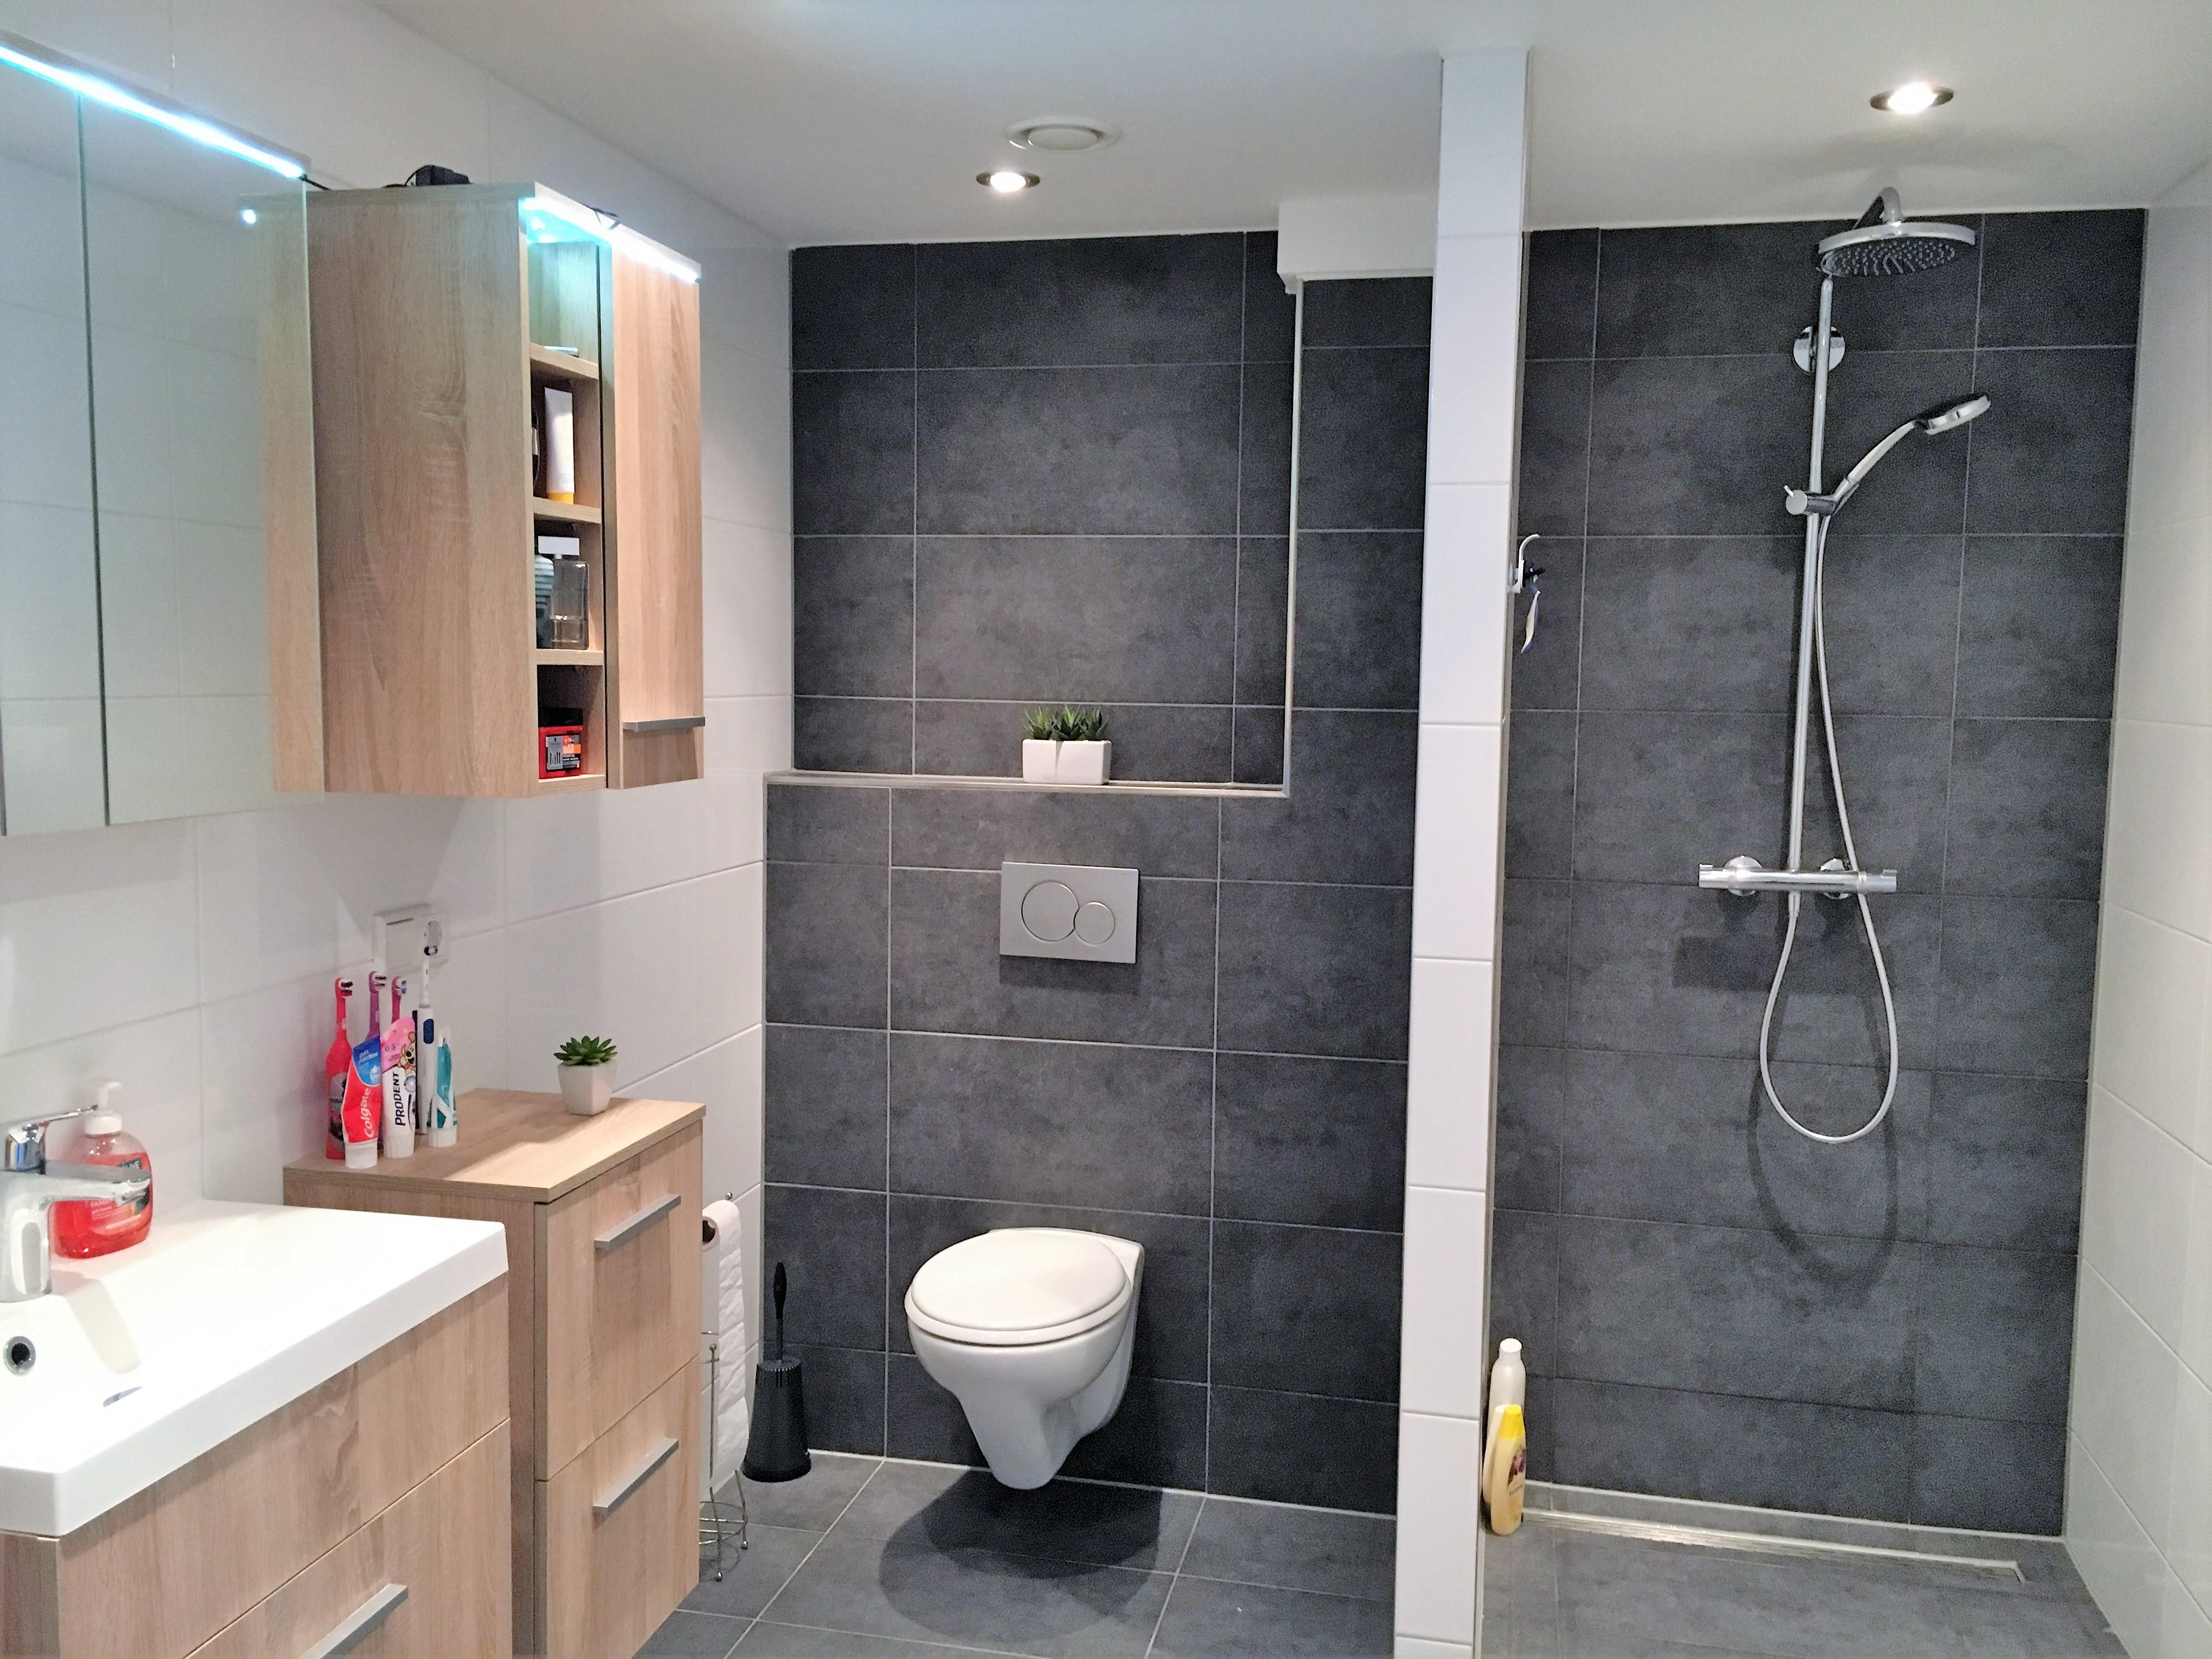 Geweldige badkamerrenovatie laten uitvoeren